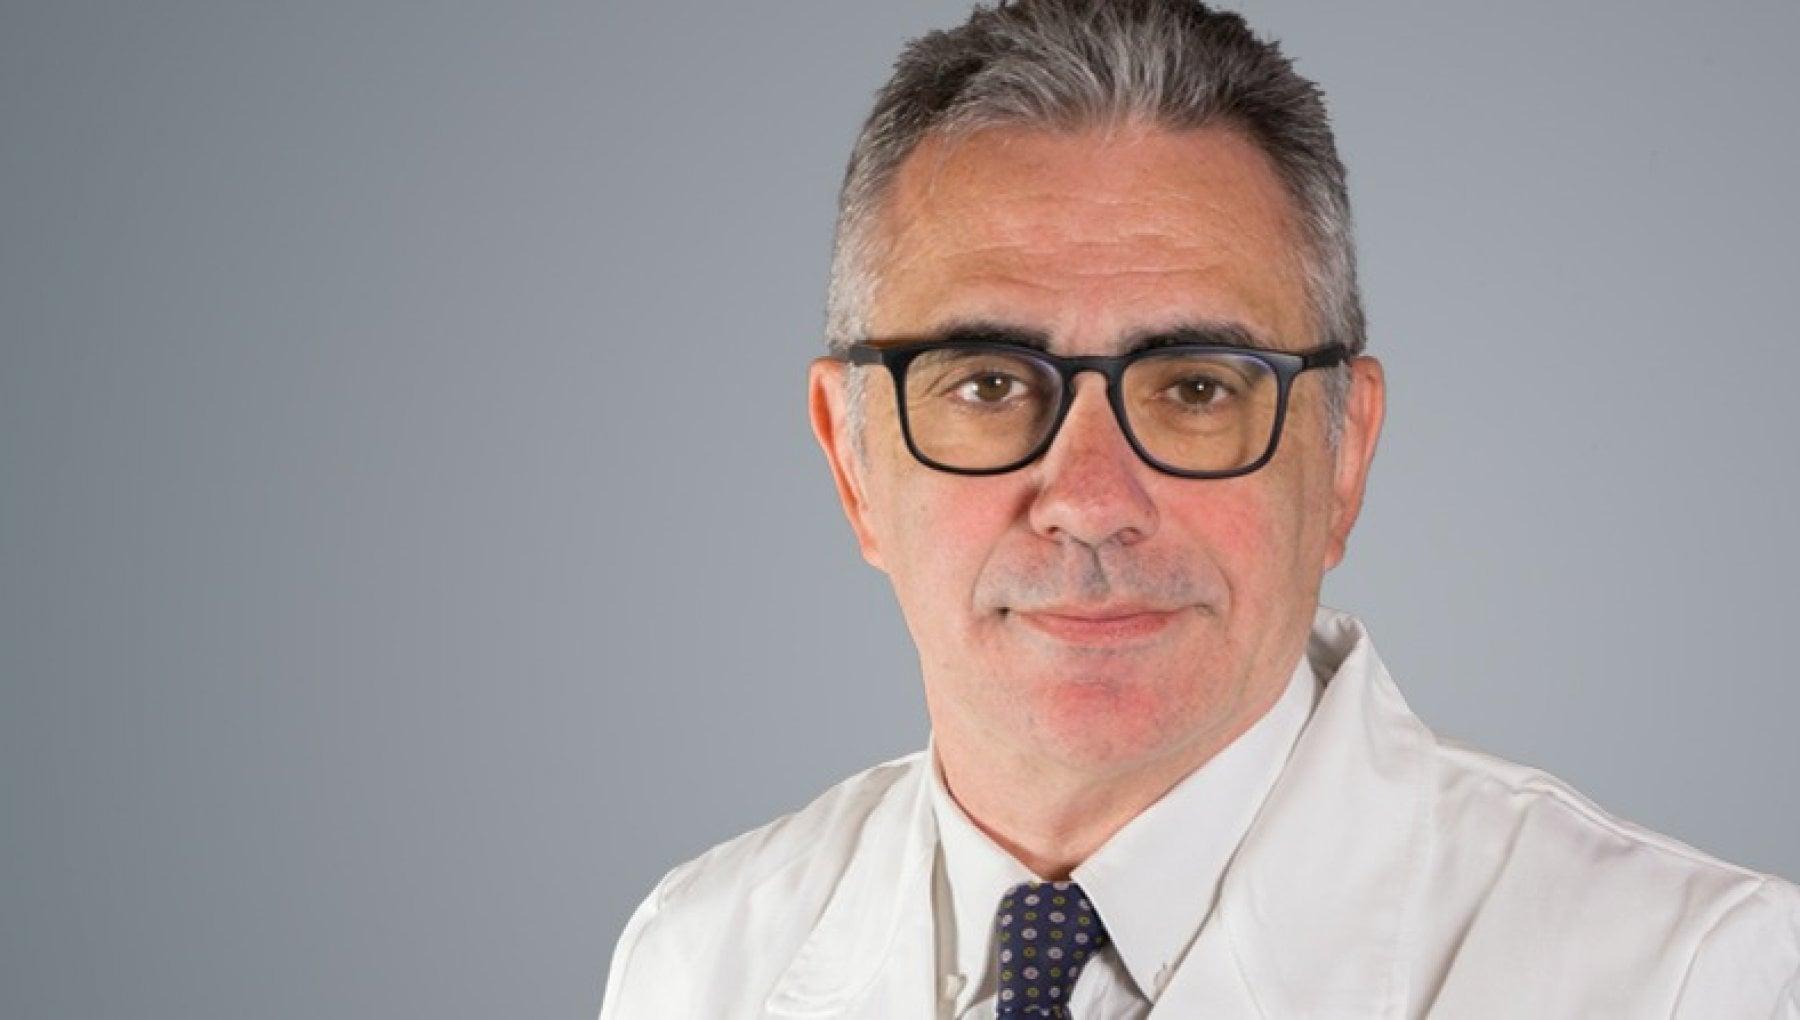 Coronavirus dagli esperti italiani troppe informazioni spesso incoerenti